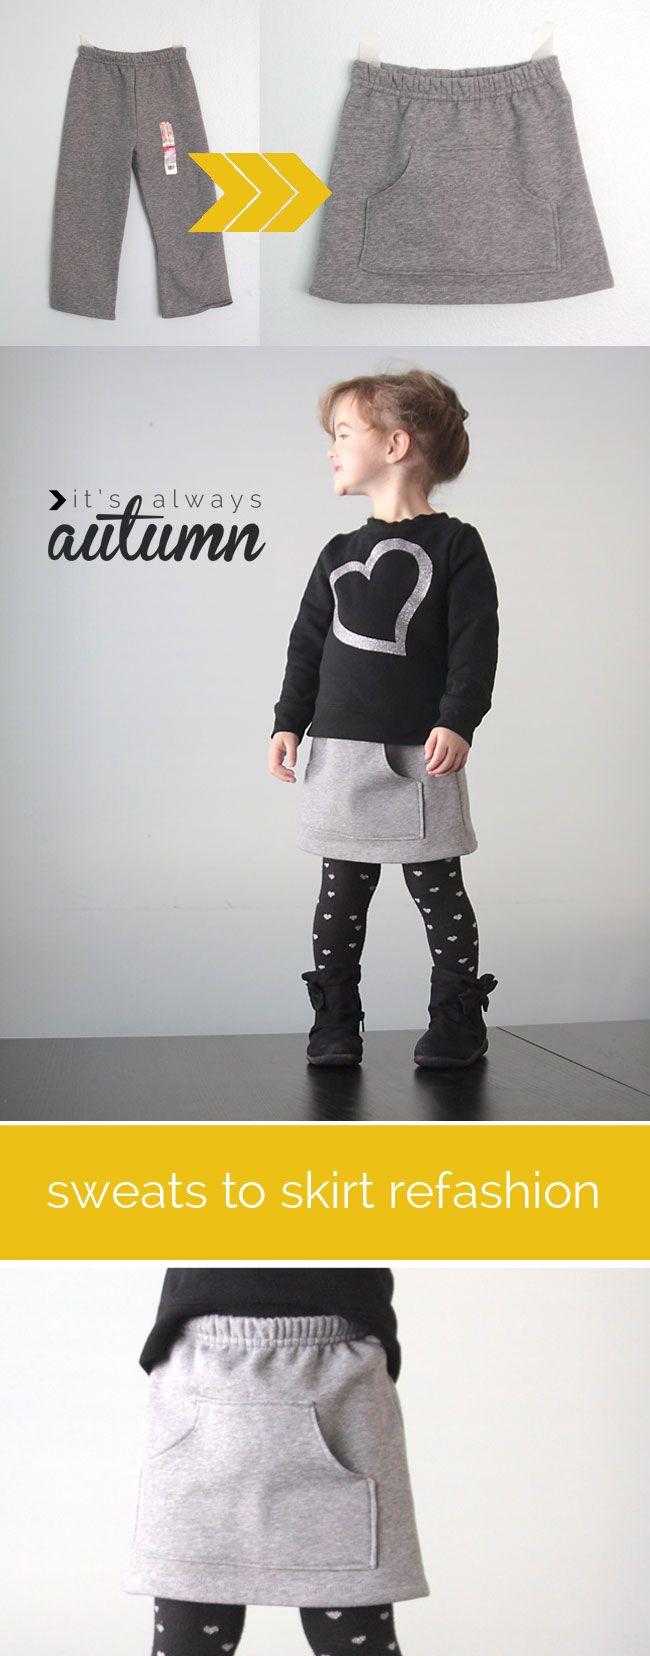 fácil tutorial de costura muestra cómo convertir pantalones en una falda linda bolsillo canguro